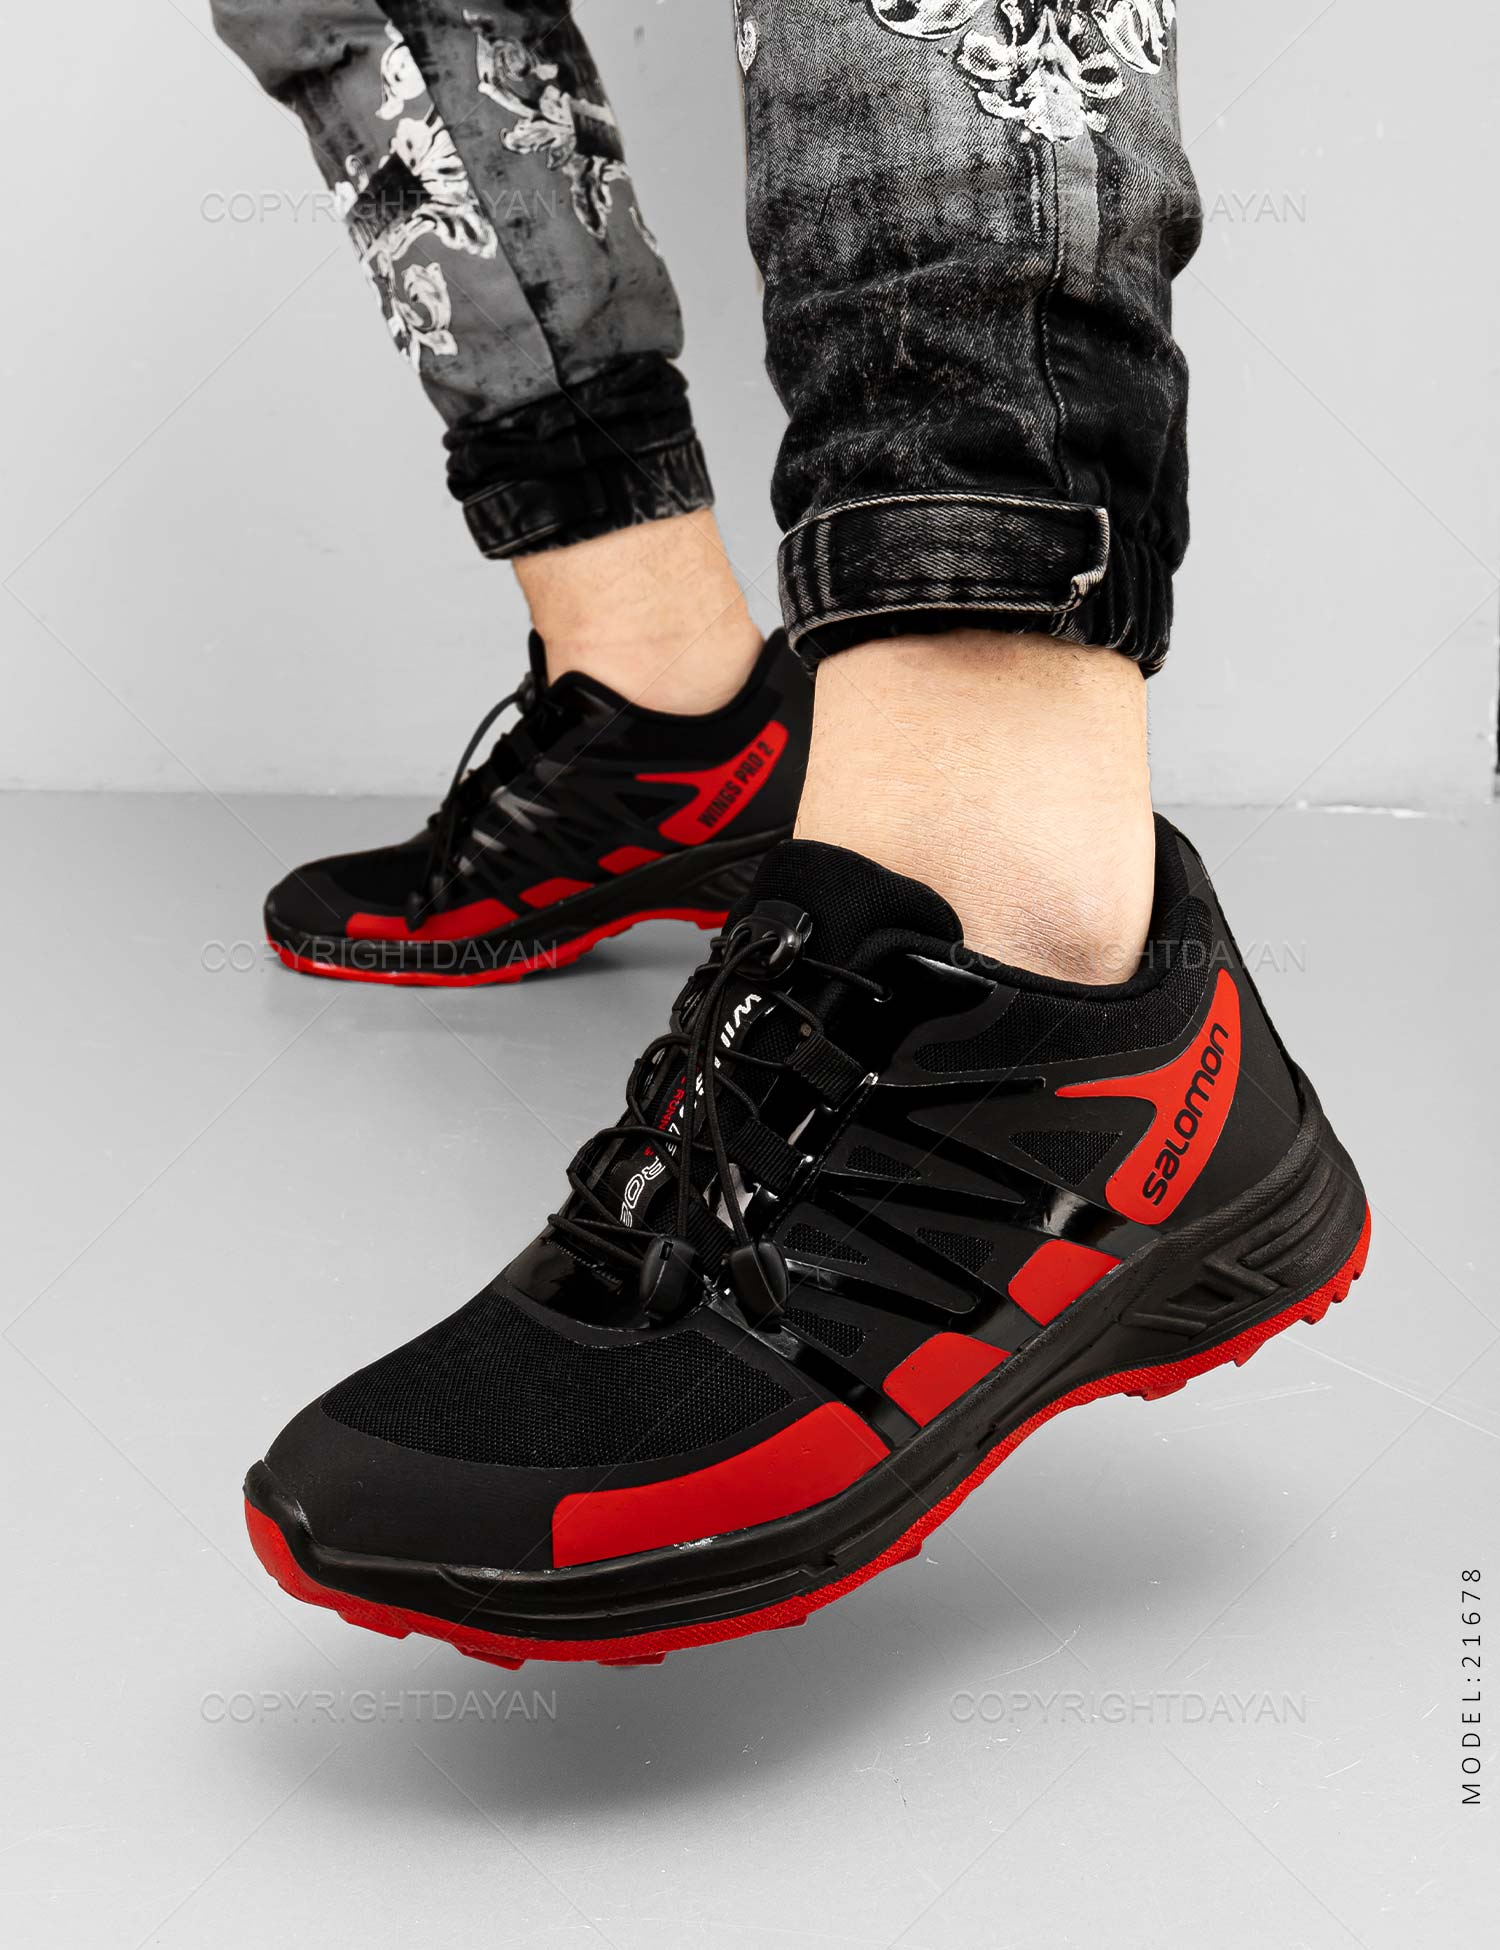 کفش ورزشی مردانه Salomon مدل 21678 کفش ورزشی مردانه Salomon مدل 21678 259,000 تومان